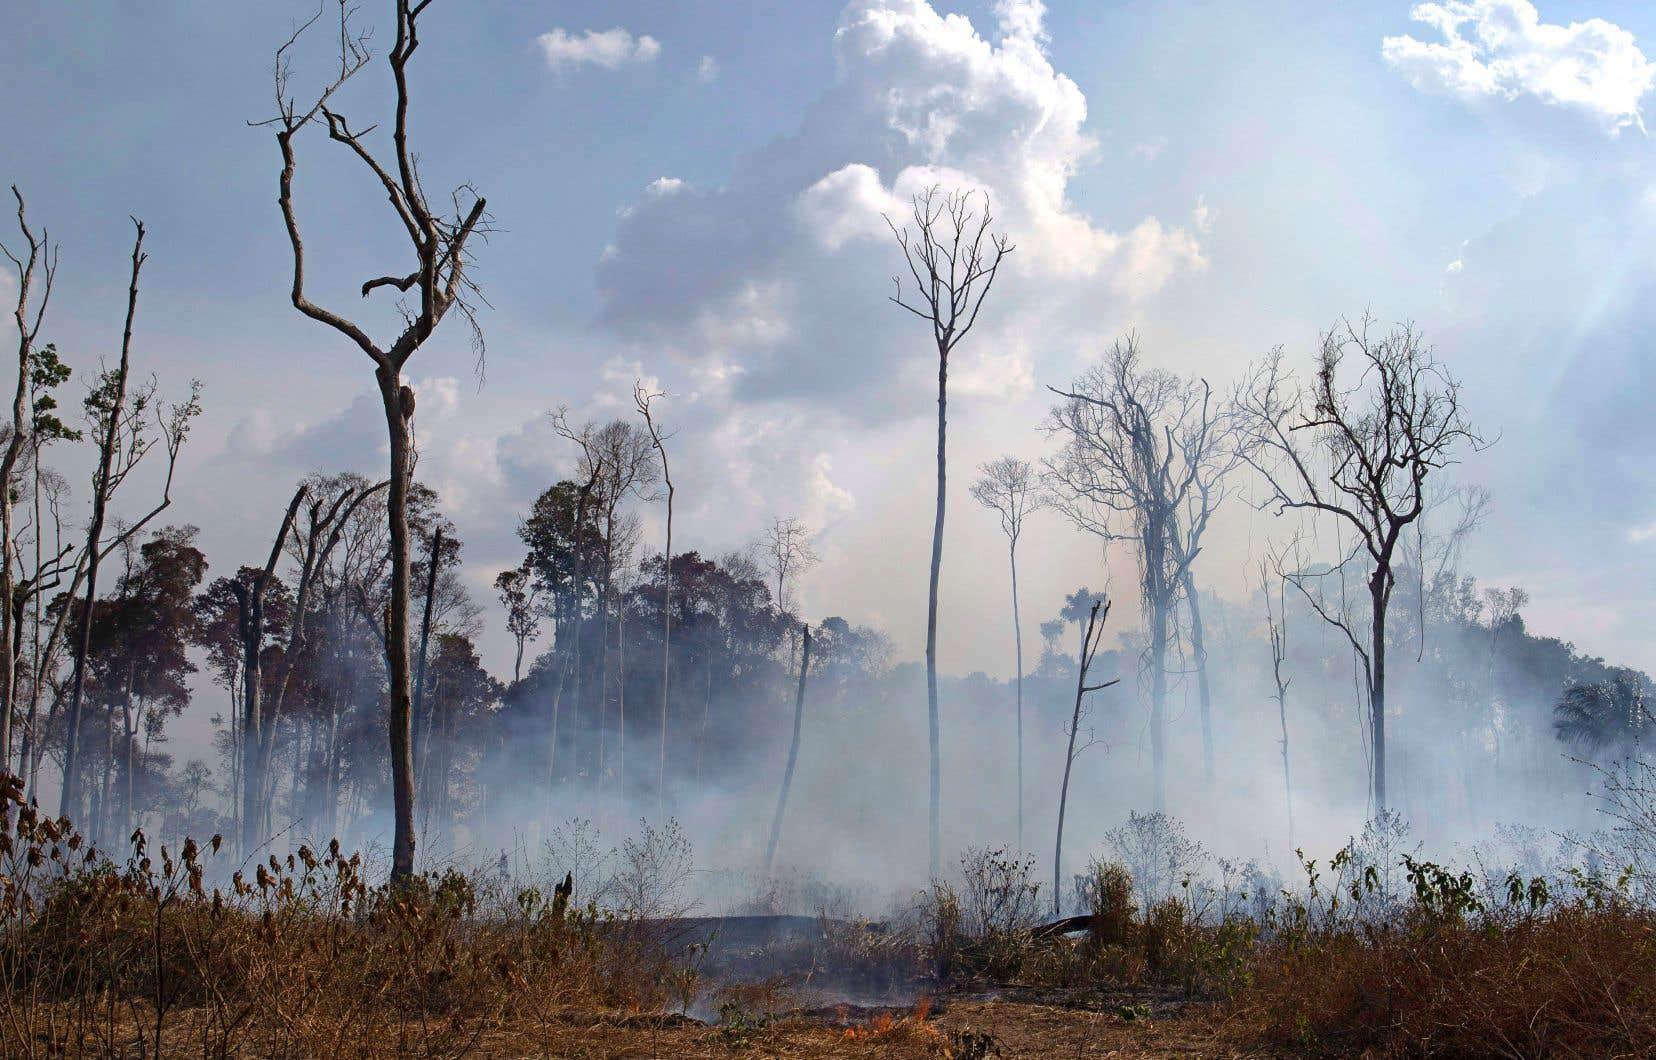 1 044 nouveaux départs de feu ont été constatés mardi dans tout le Brésil, dont plus de la moitié en Amazonie, a indiqué mercredi l'Institut national de recherche spatiale.